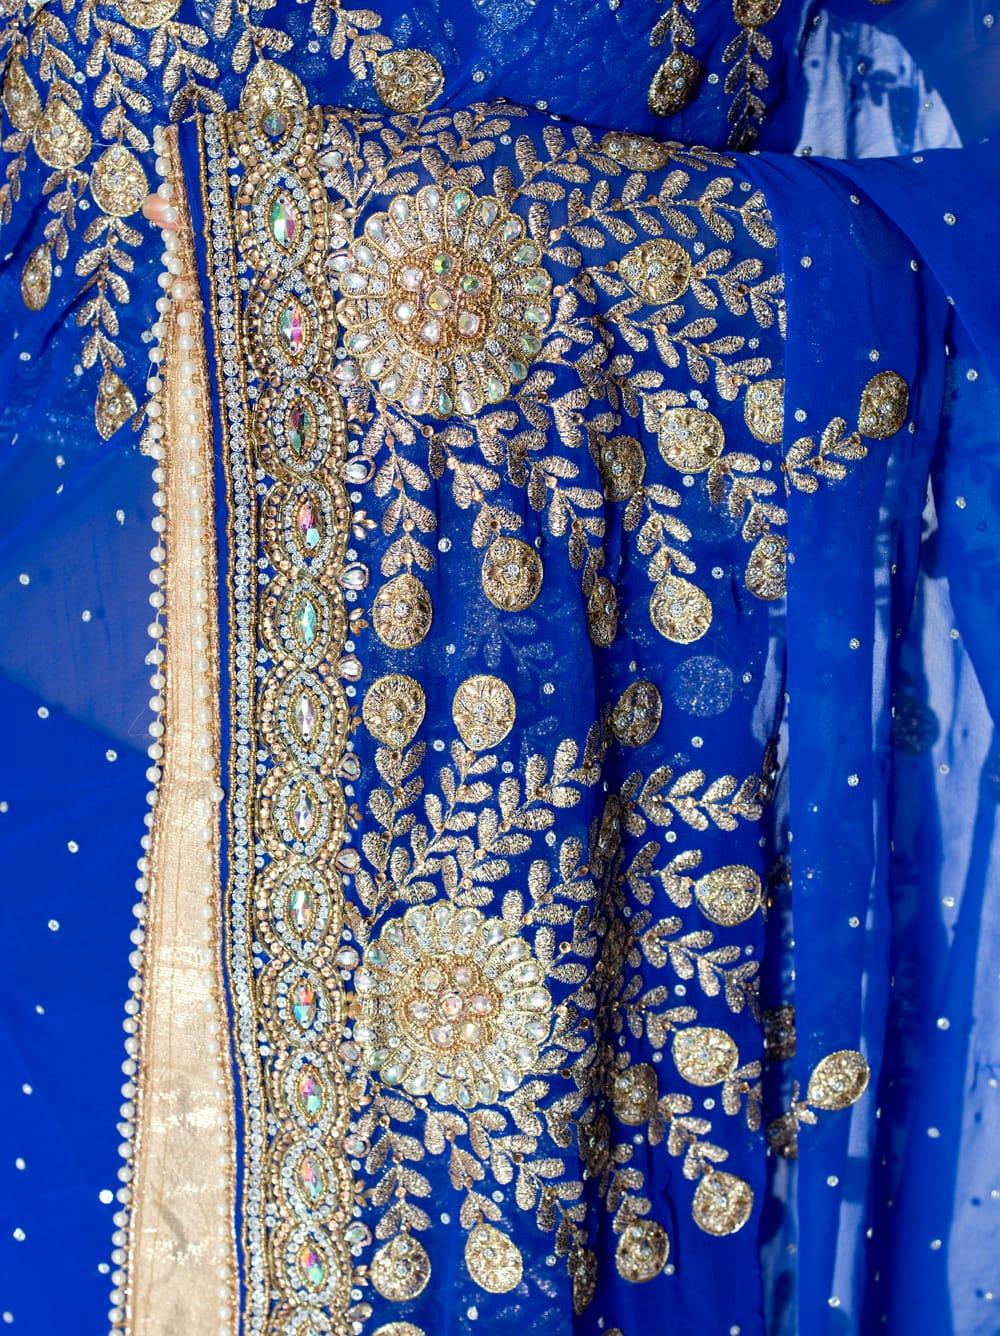 【一点物】孔雀の羽刺繍の婚礼用ゴージャス ジョーゼットサリー【チョリ付き】 - 青 6 - とても綺麗なサリーです